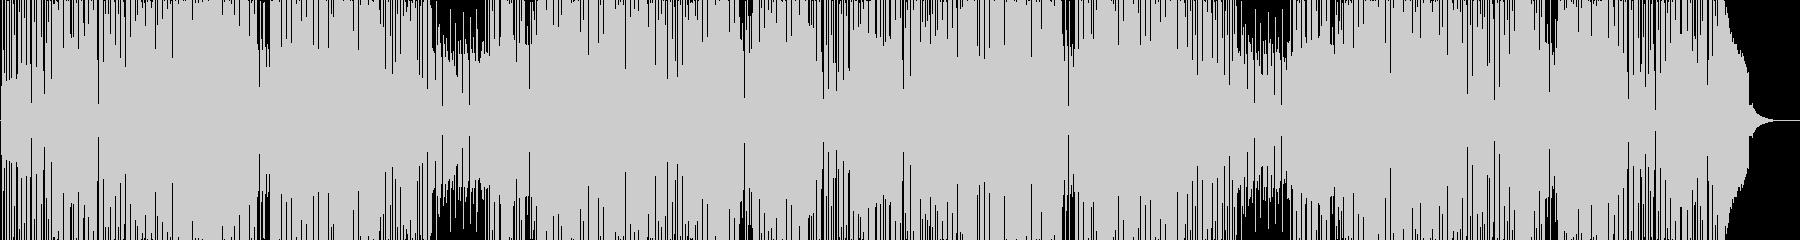 レトロでファンキーなブラスロックの未再生の波形